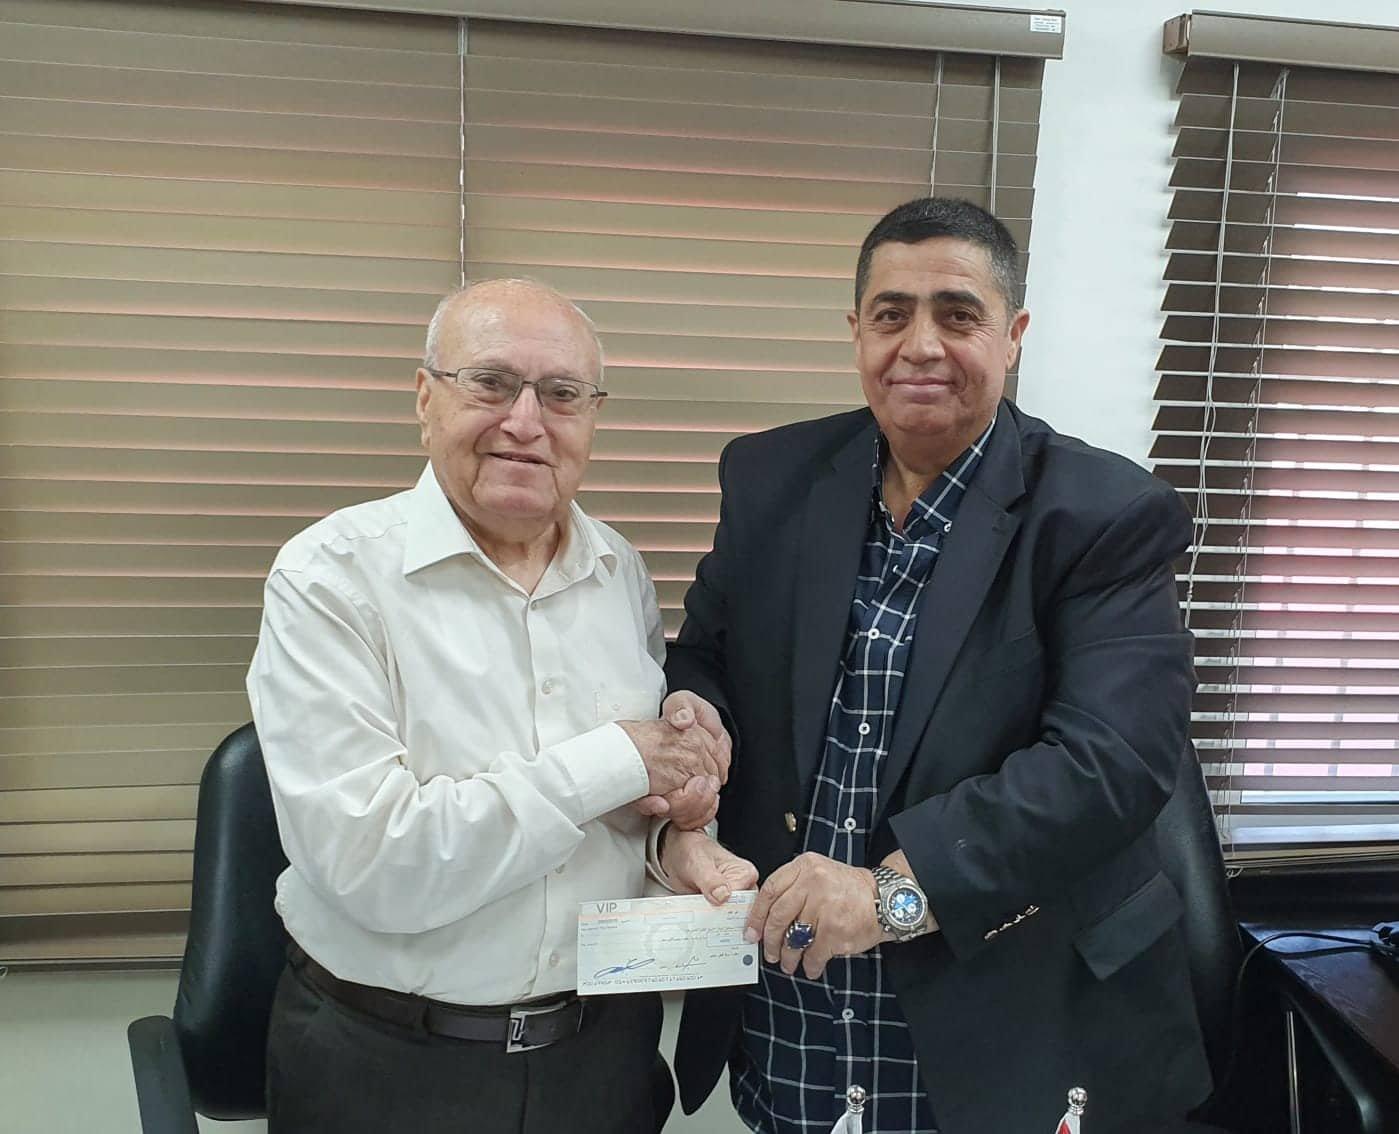 اللجنة القطرية الدائمة لدعم القدس توقع اتفاقية تعاون مشترك مع المقاصد والهلال الأحمر